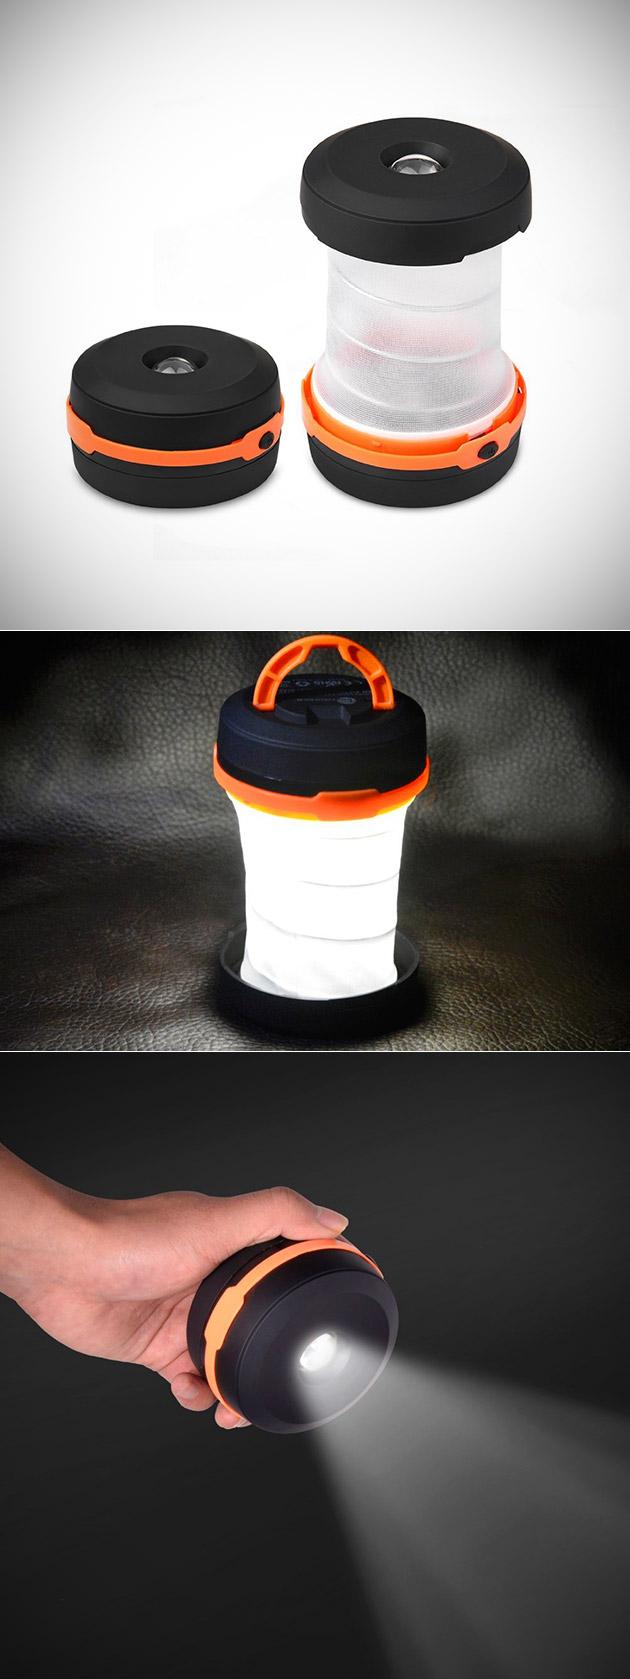 TaoTronics Collapsible Lantern